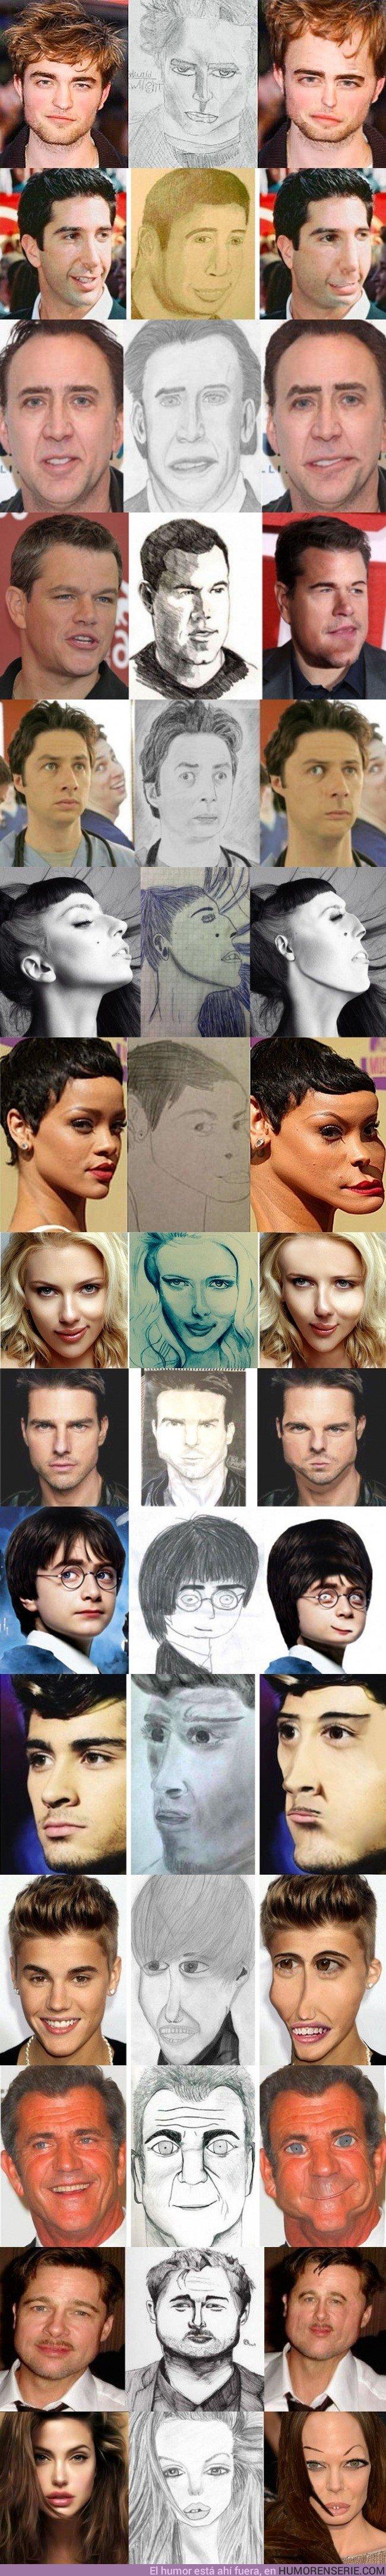 21299 - 15 veces en las que los dibujos de los famosos terminaron mal...